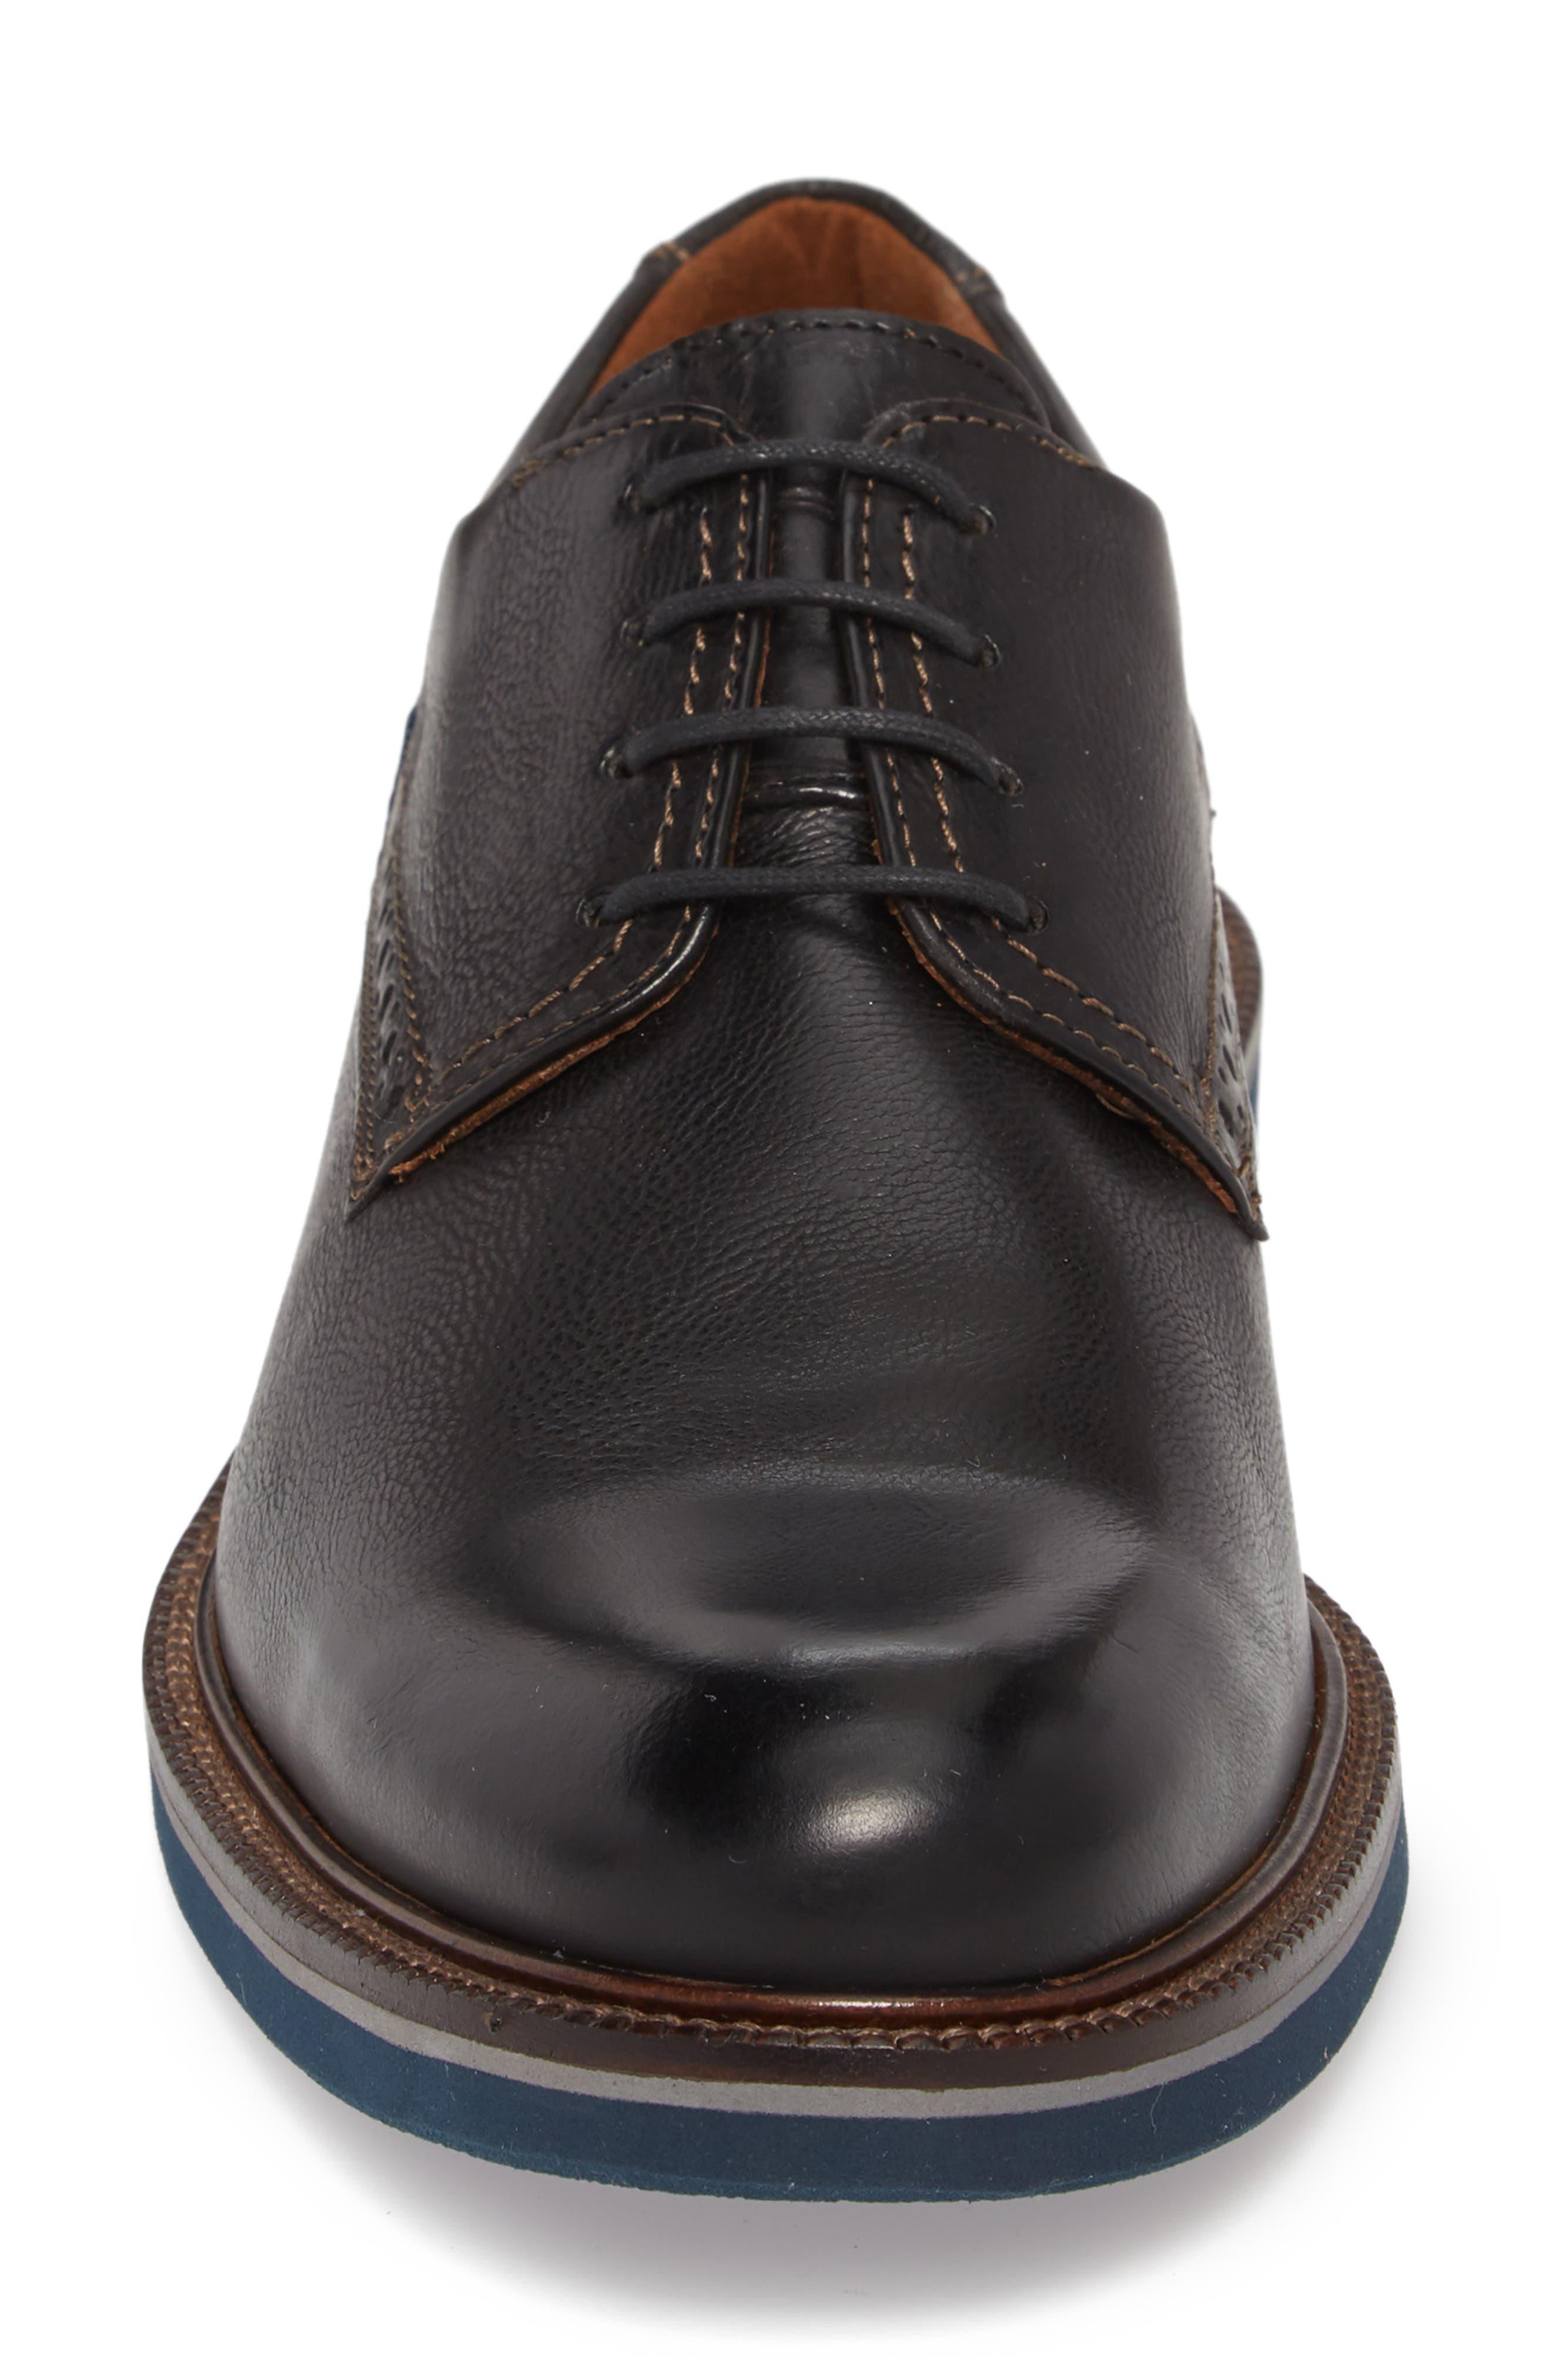 Hagen Plain Toe Derby,                             Alternate thumbnail 4, color,                             Black Leather